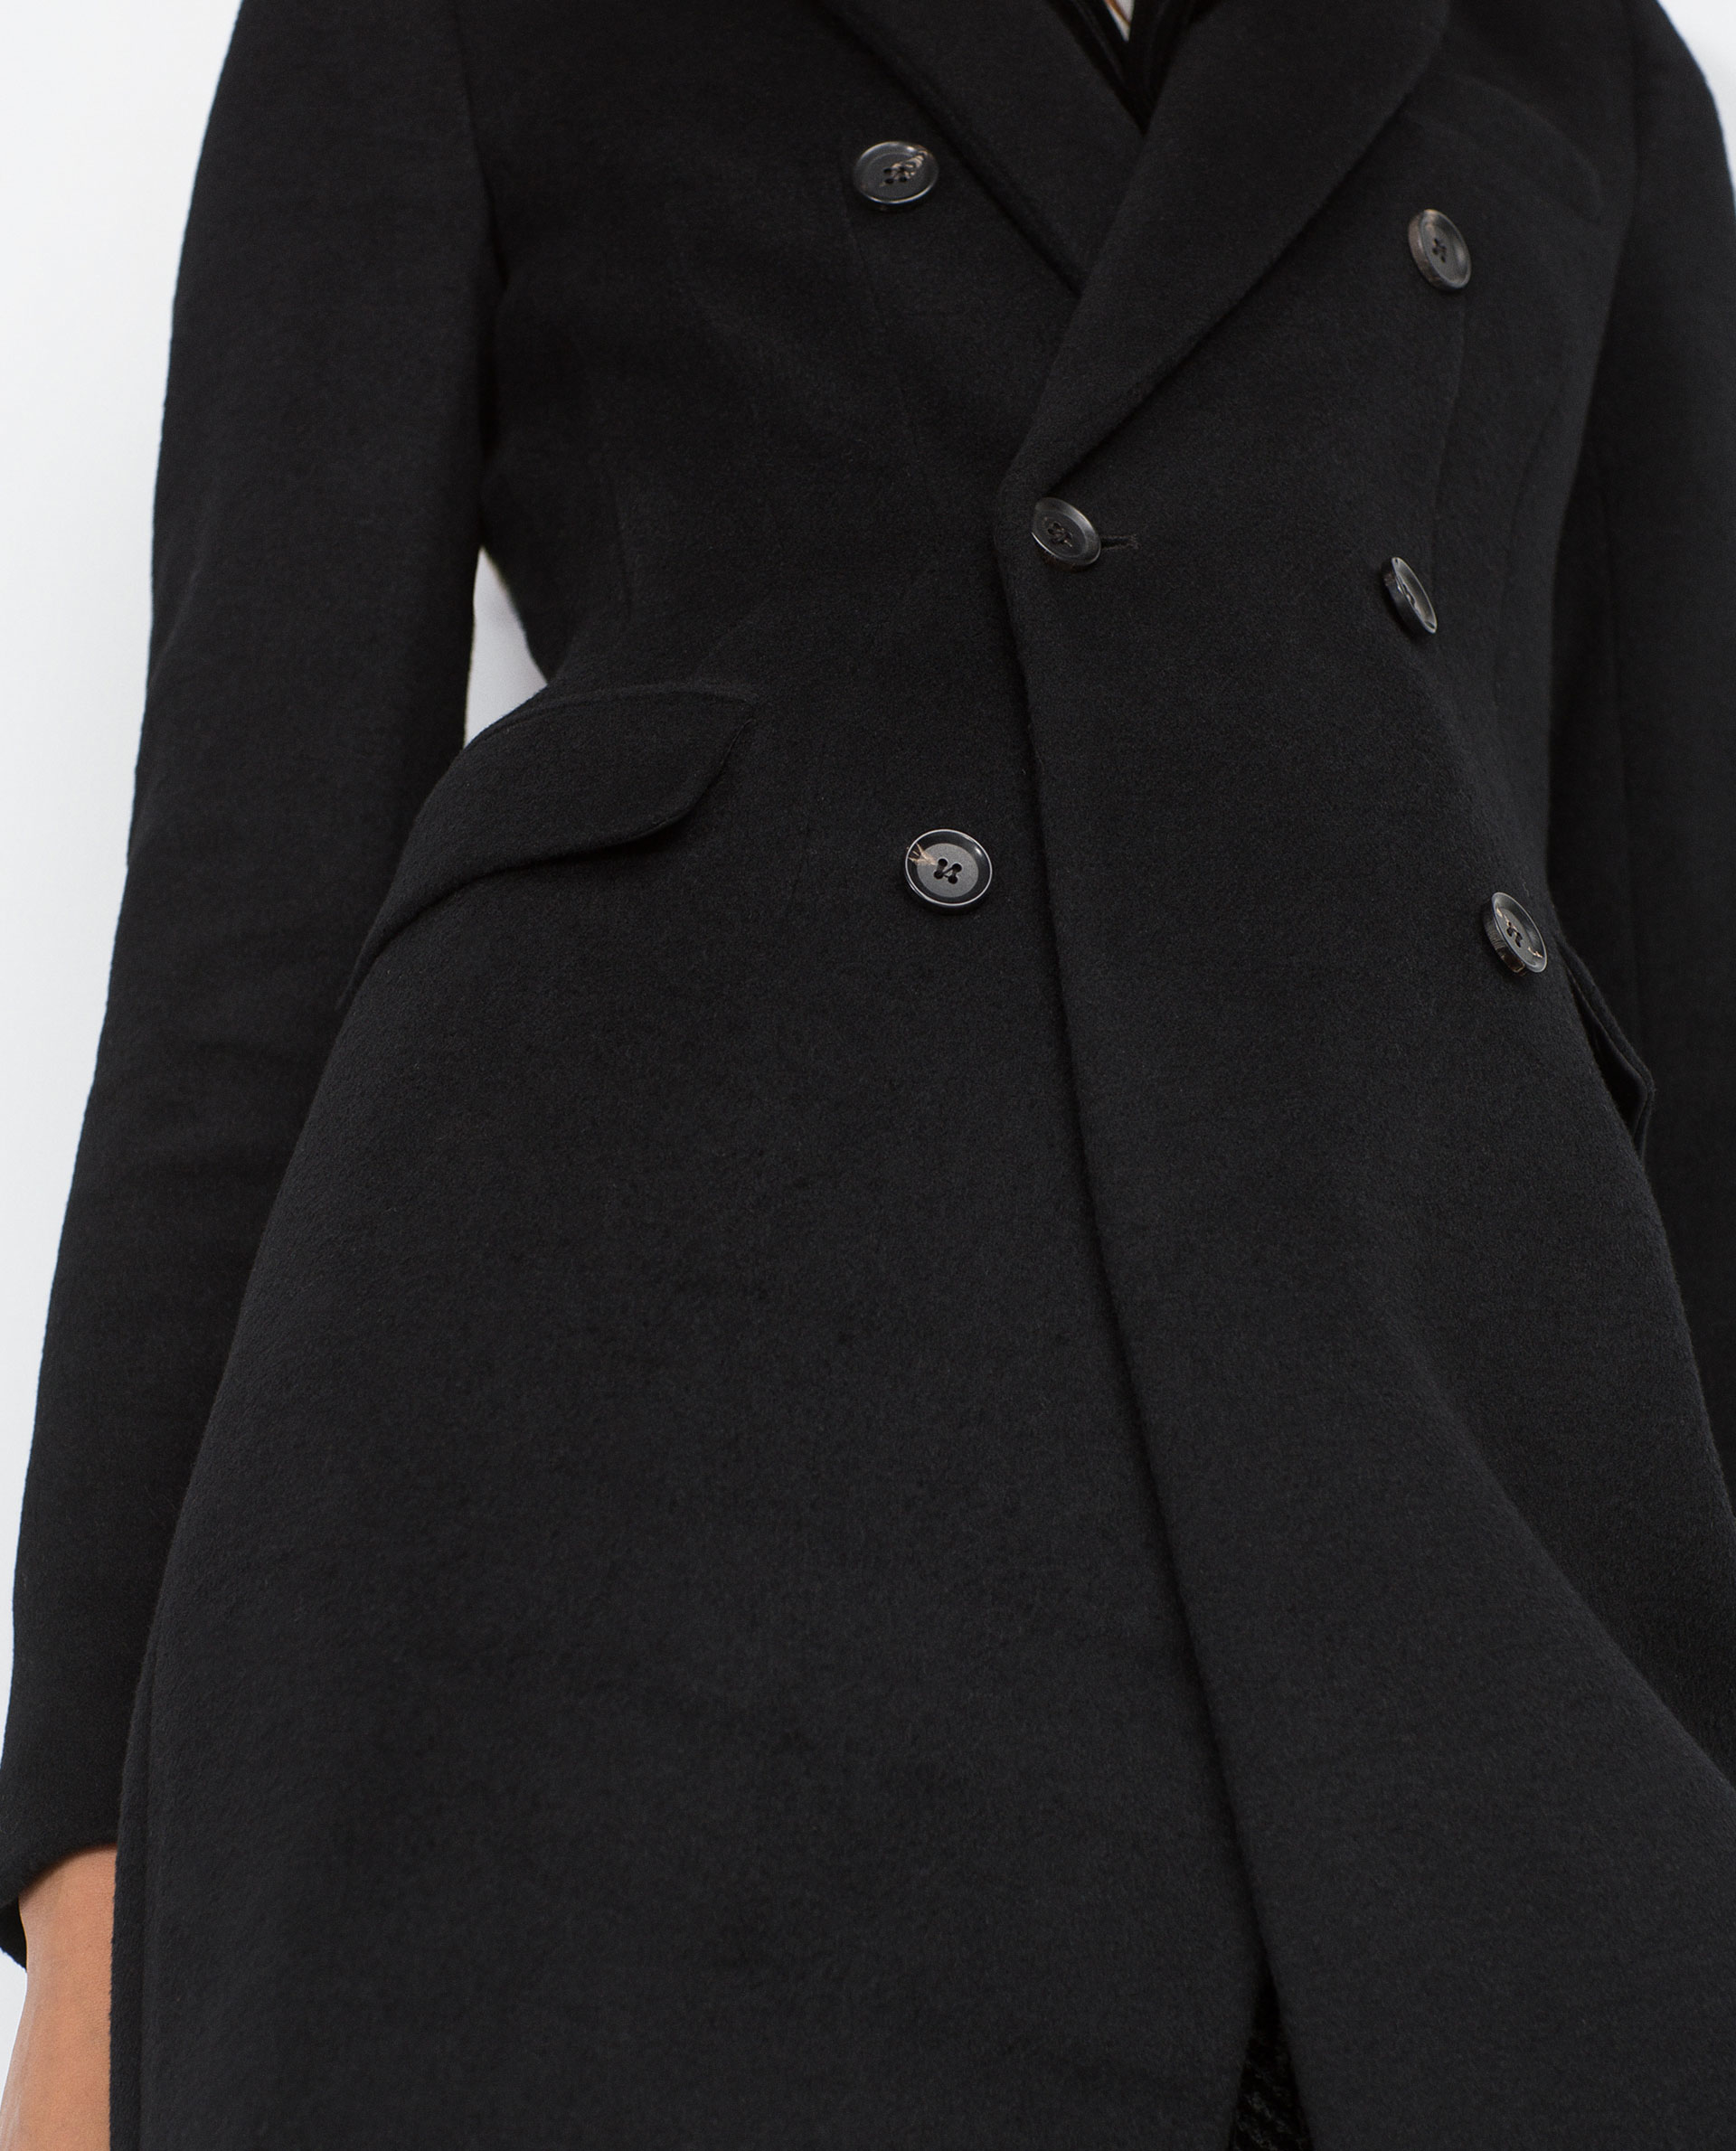 Zara Double Breasted Lapel Coat in Black | Lyst